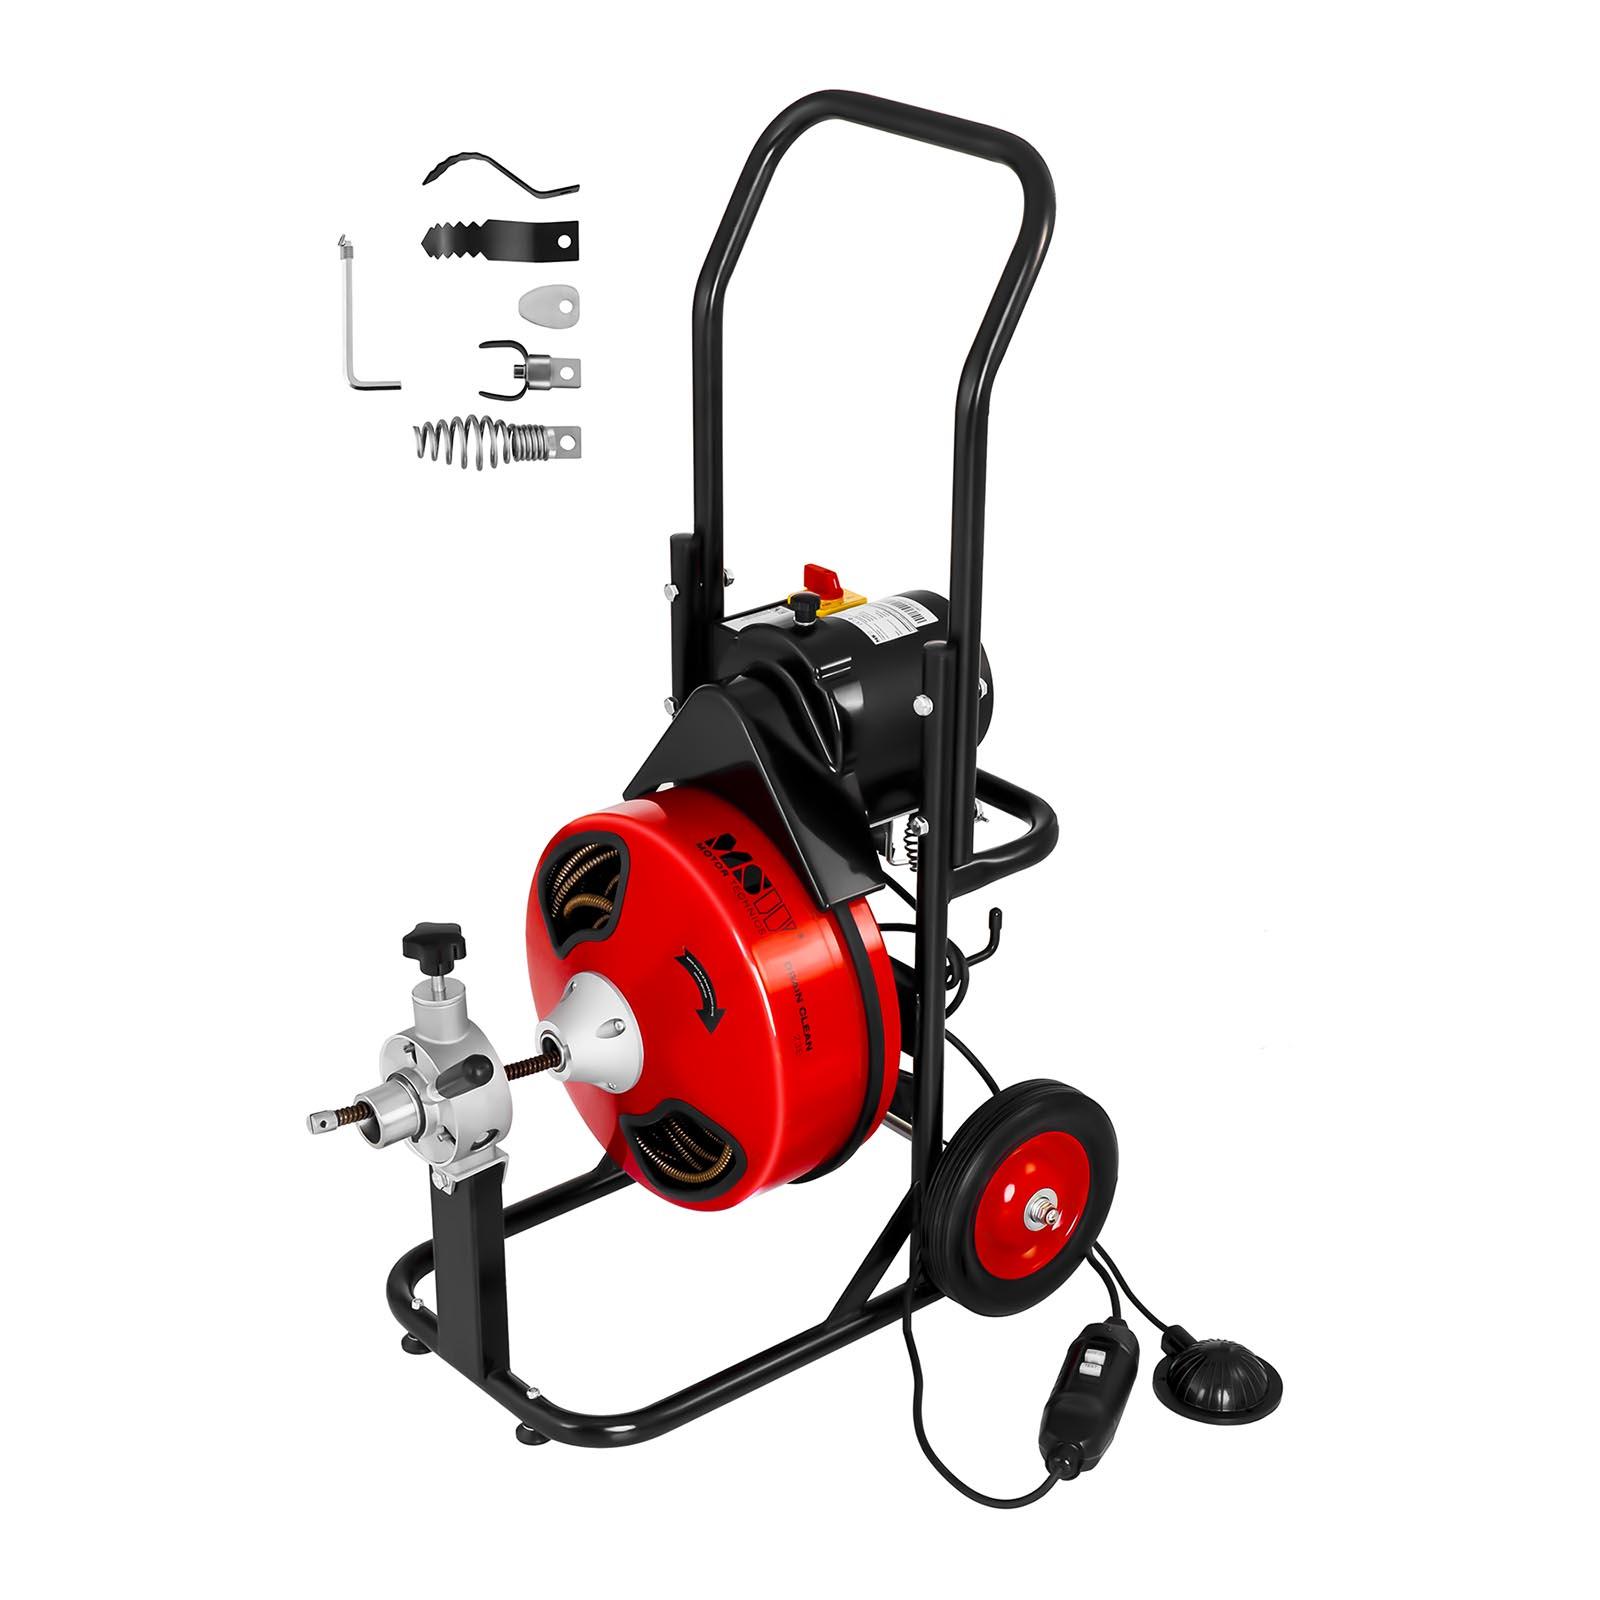 MSW Trommel Rohrreinigungsmaschine - 390 W - Ø 25 bis 125 mm 10060350